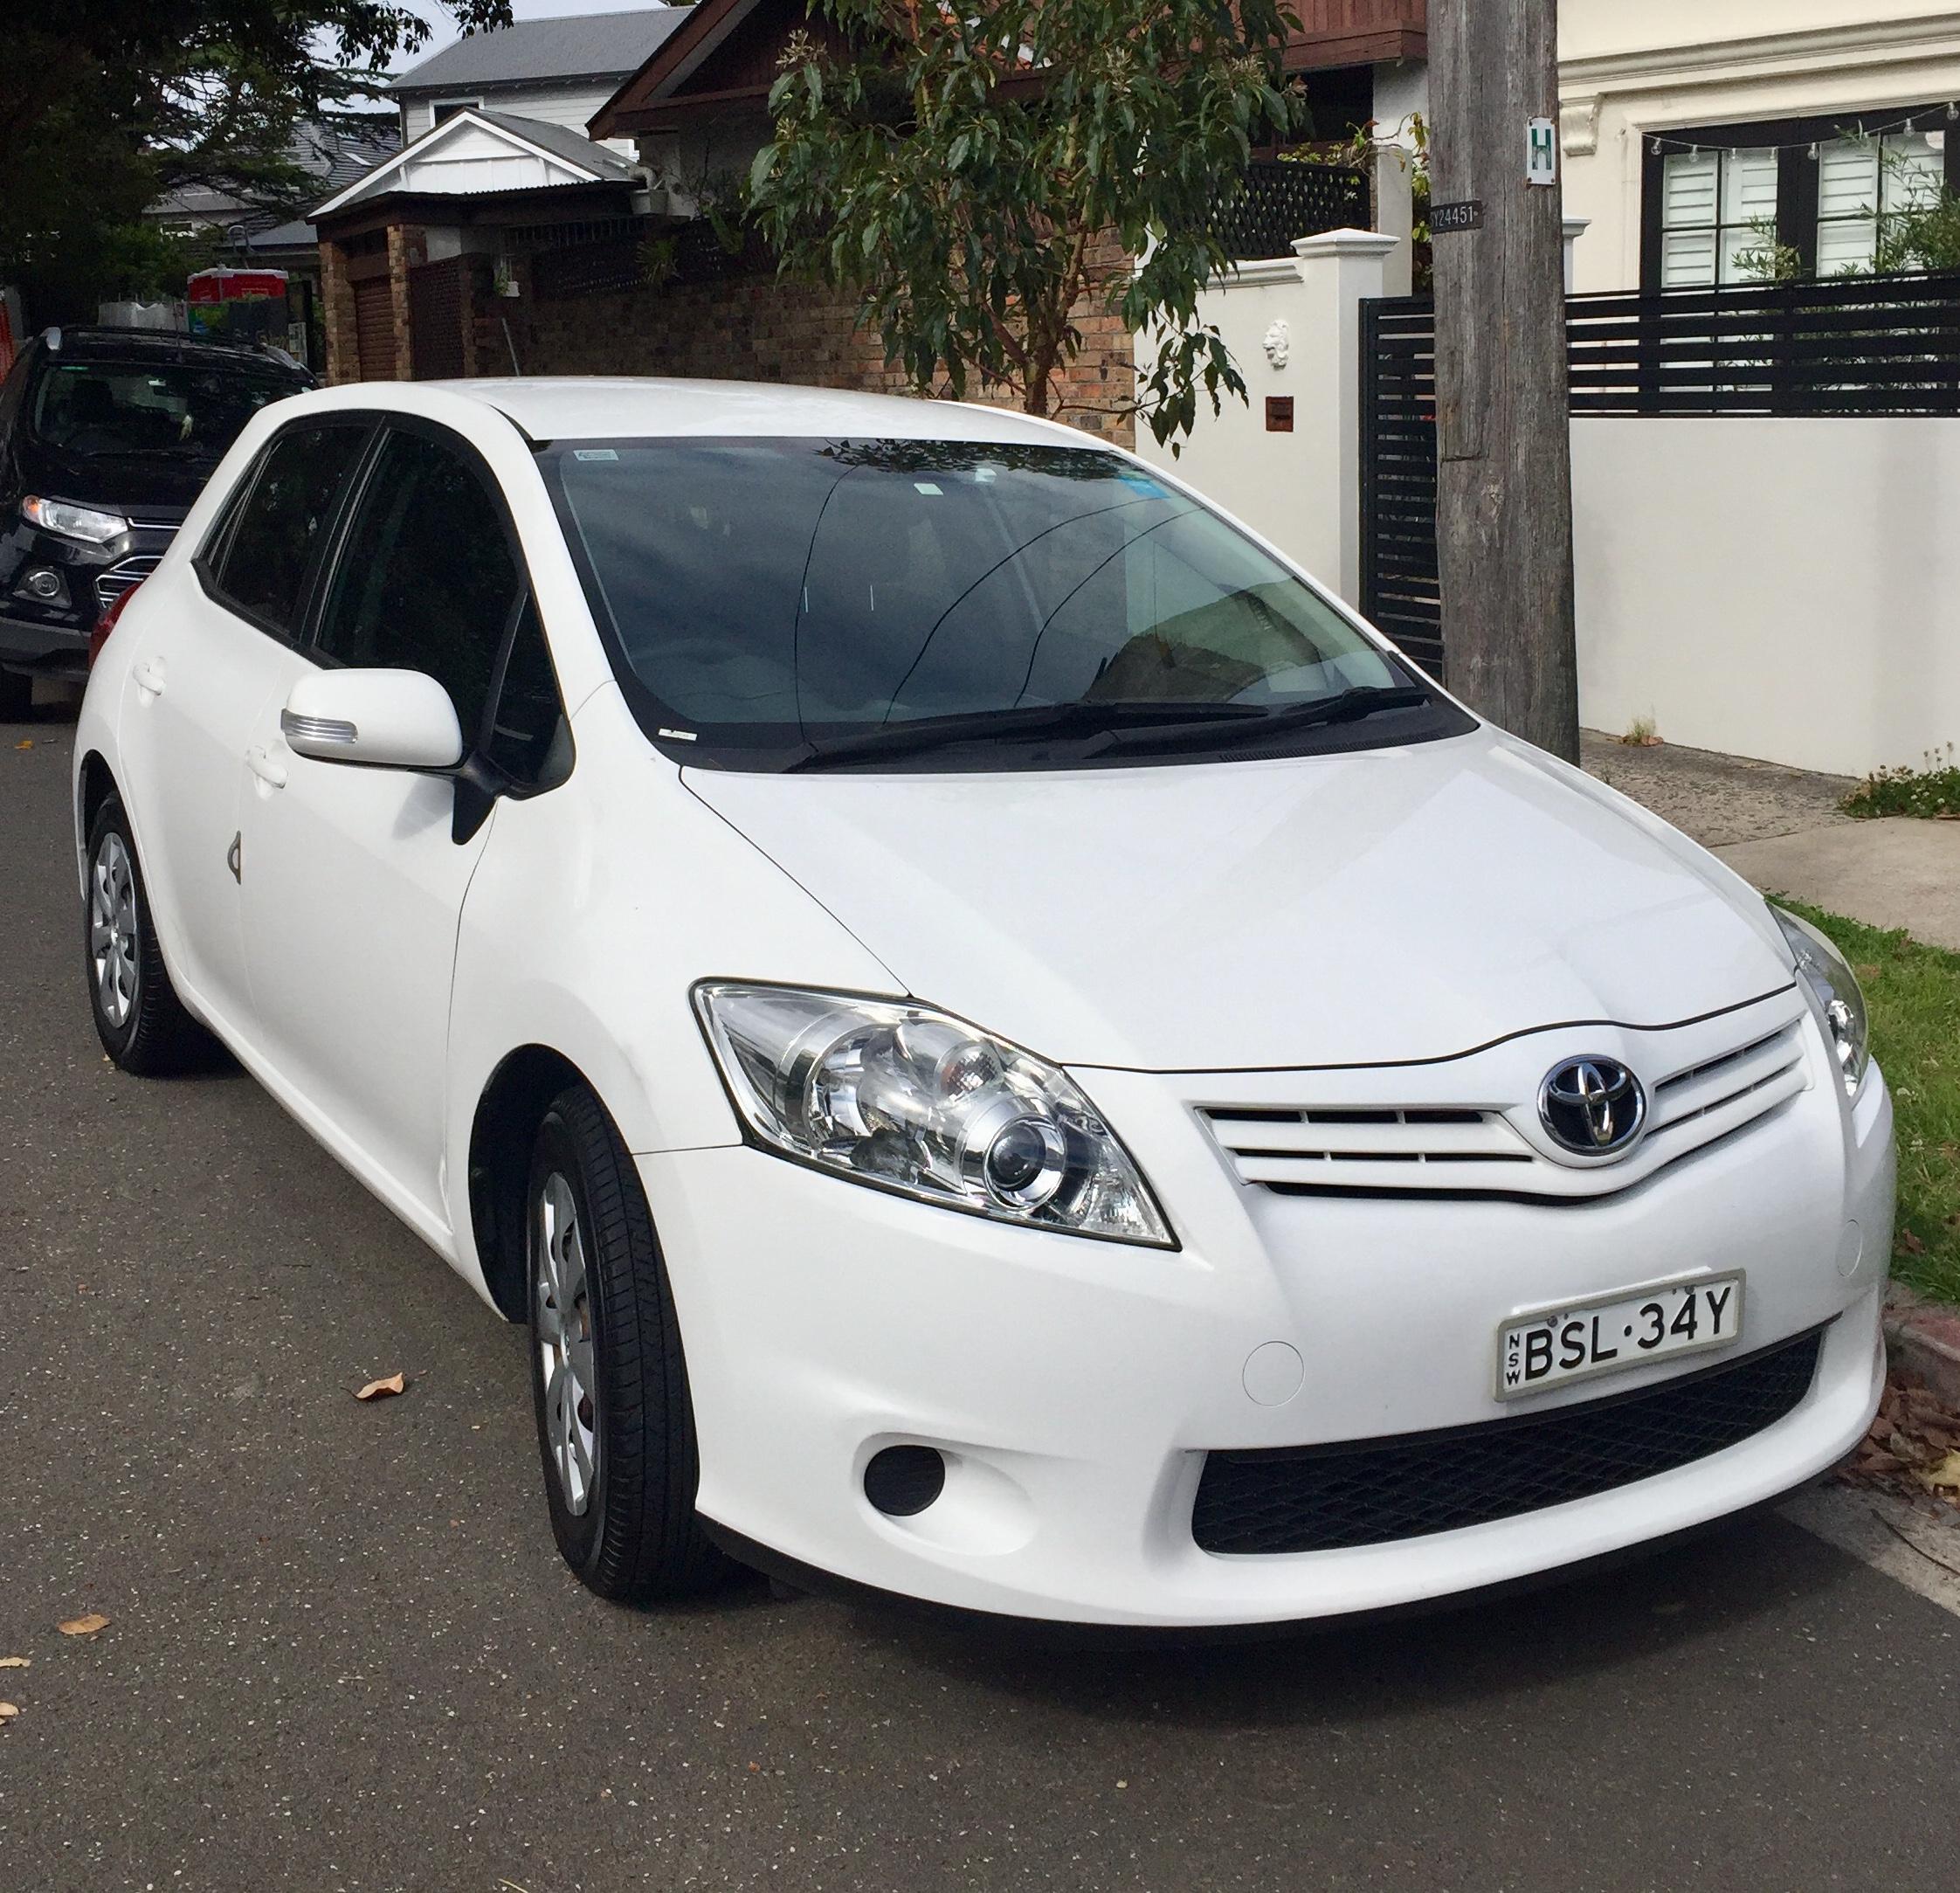 Picture of Kristina's 2010 Toyota Corolla